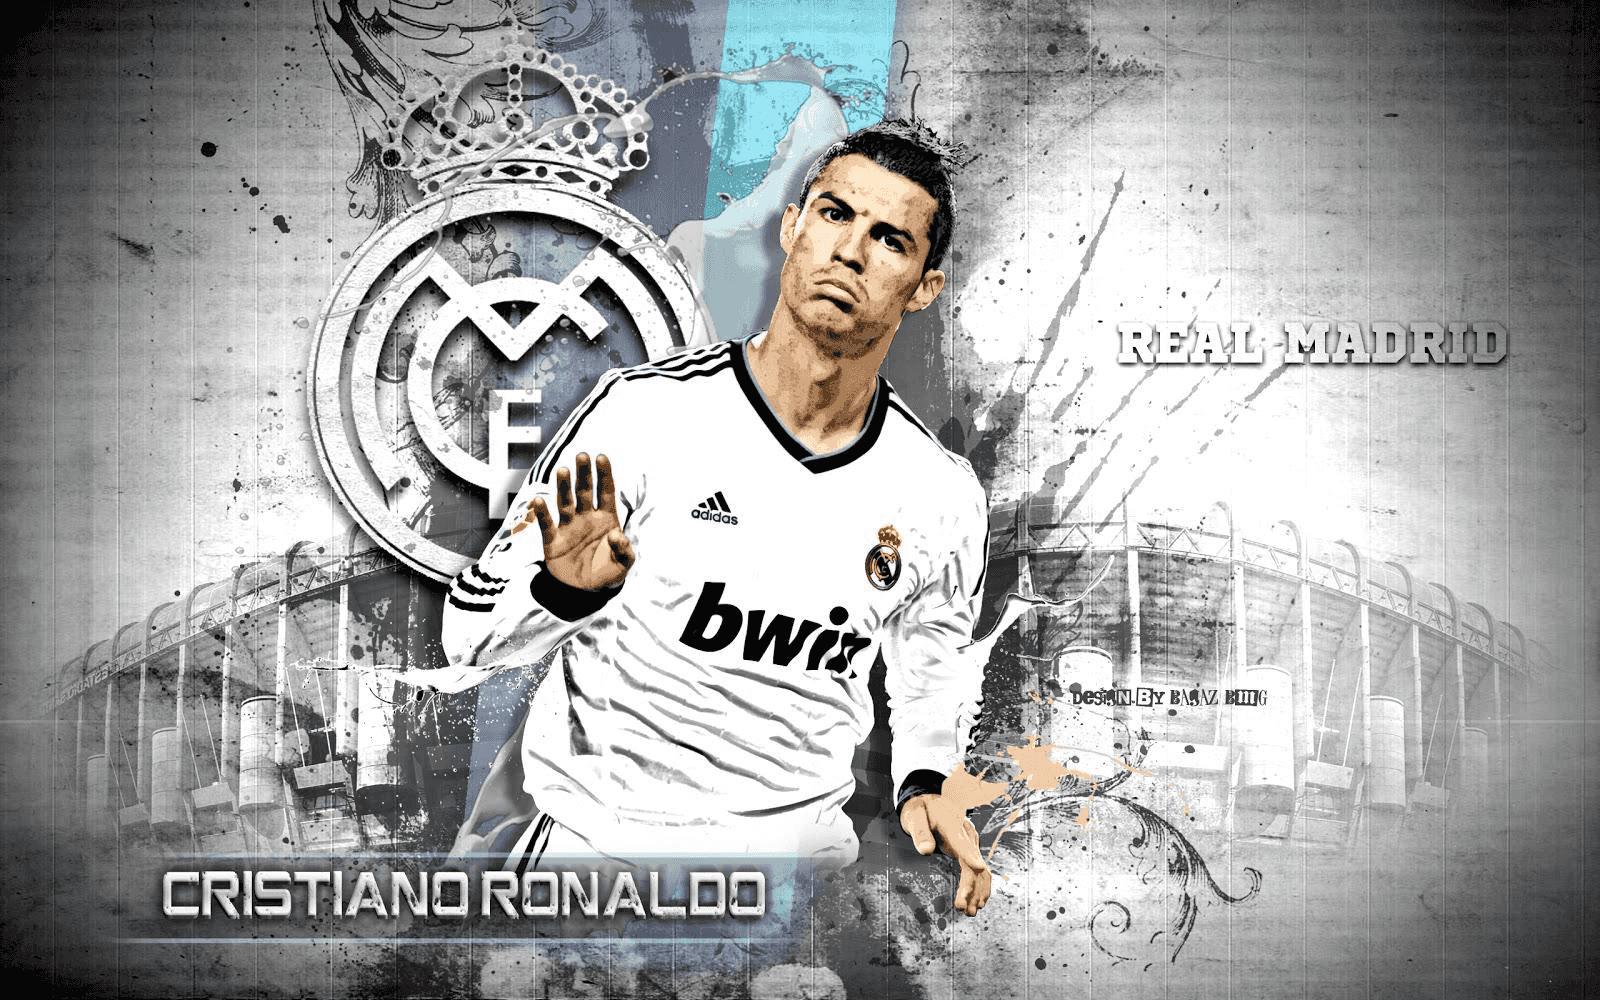 Cristiano Ronaldo HD Wallpaper Download - Cristiano Ronaldo HD ...